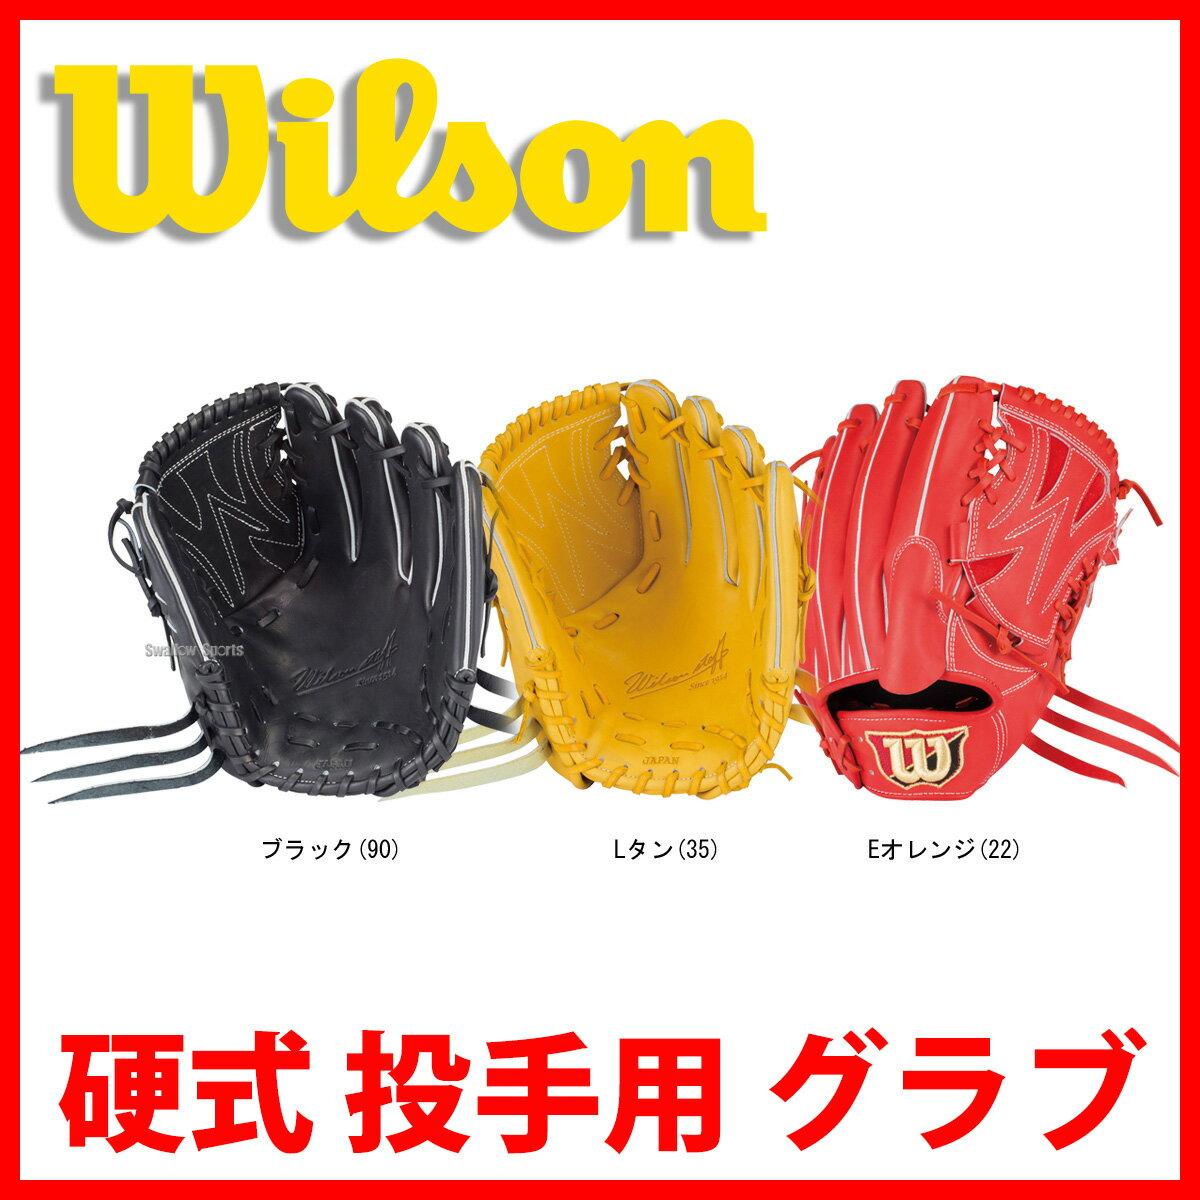 【あす楽対応】 ウィルソン 硬式グローブ グラブ Wilson Staff ウィルソン スタッフ 投手用 WTAHWP18B グローブ 硬式 ピッチャー用 wilson 野球用品 スワロースポーツ